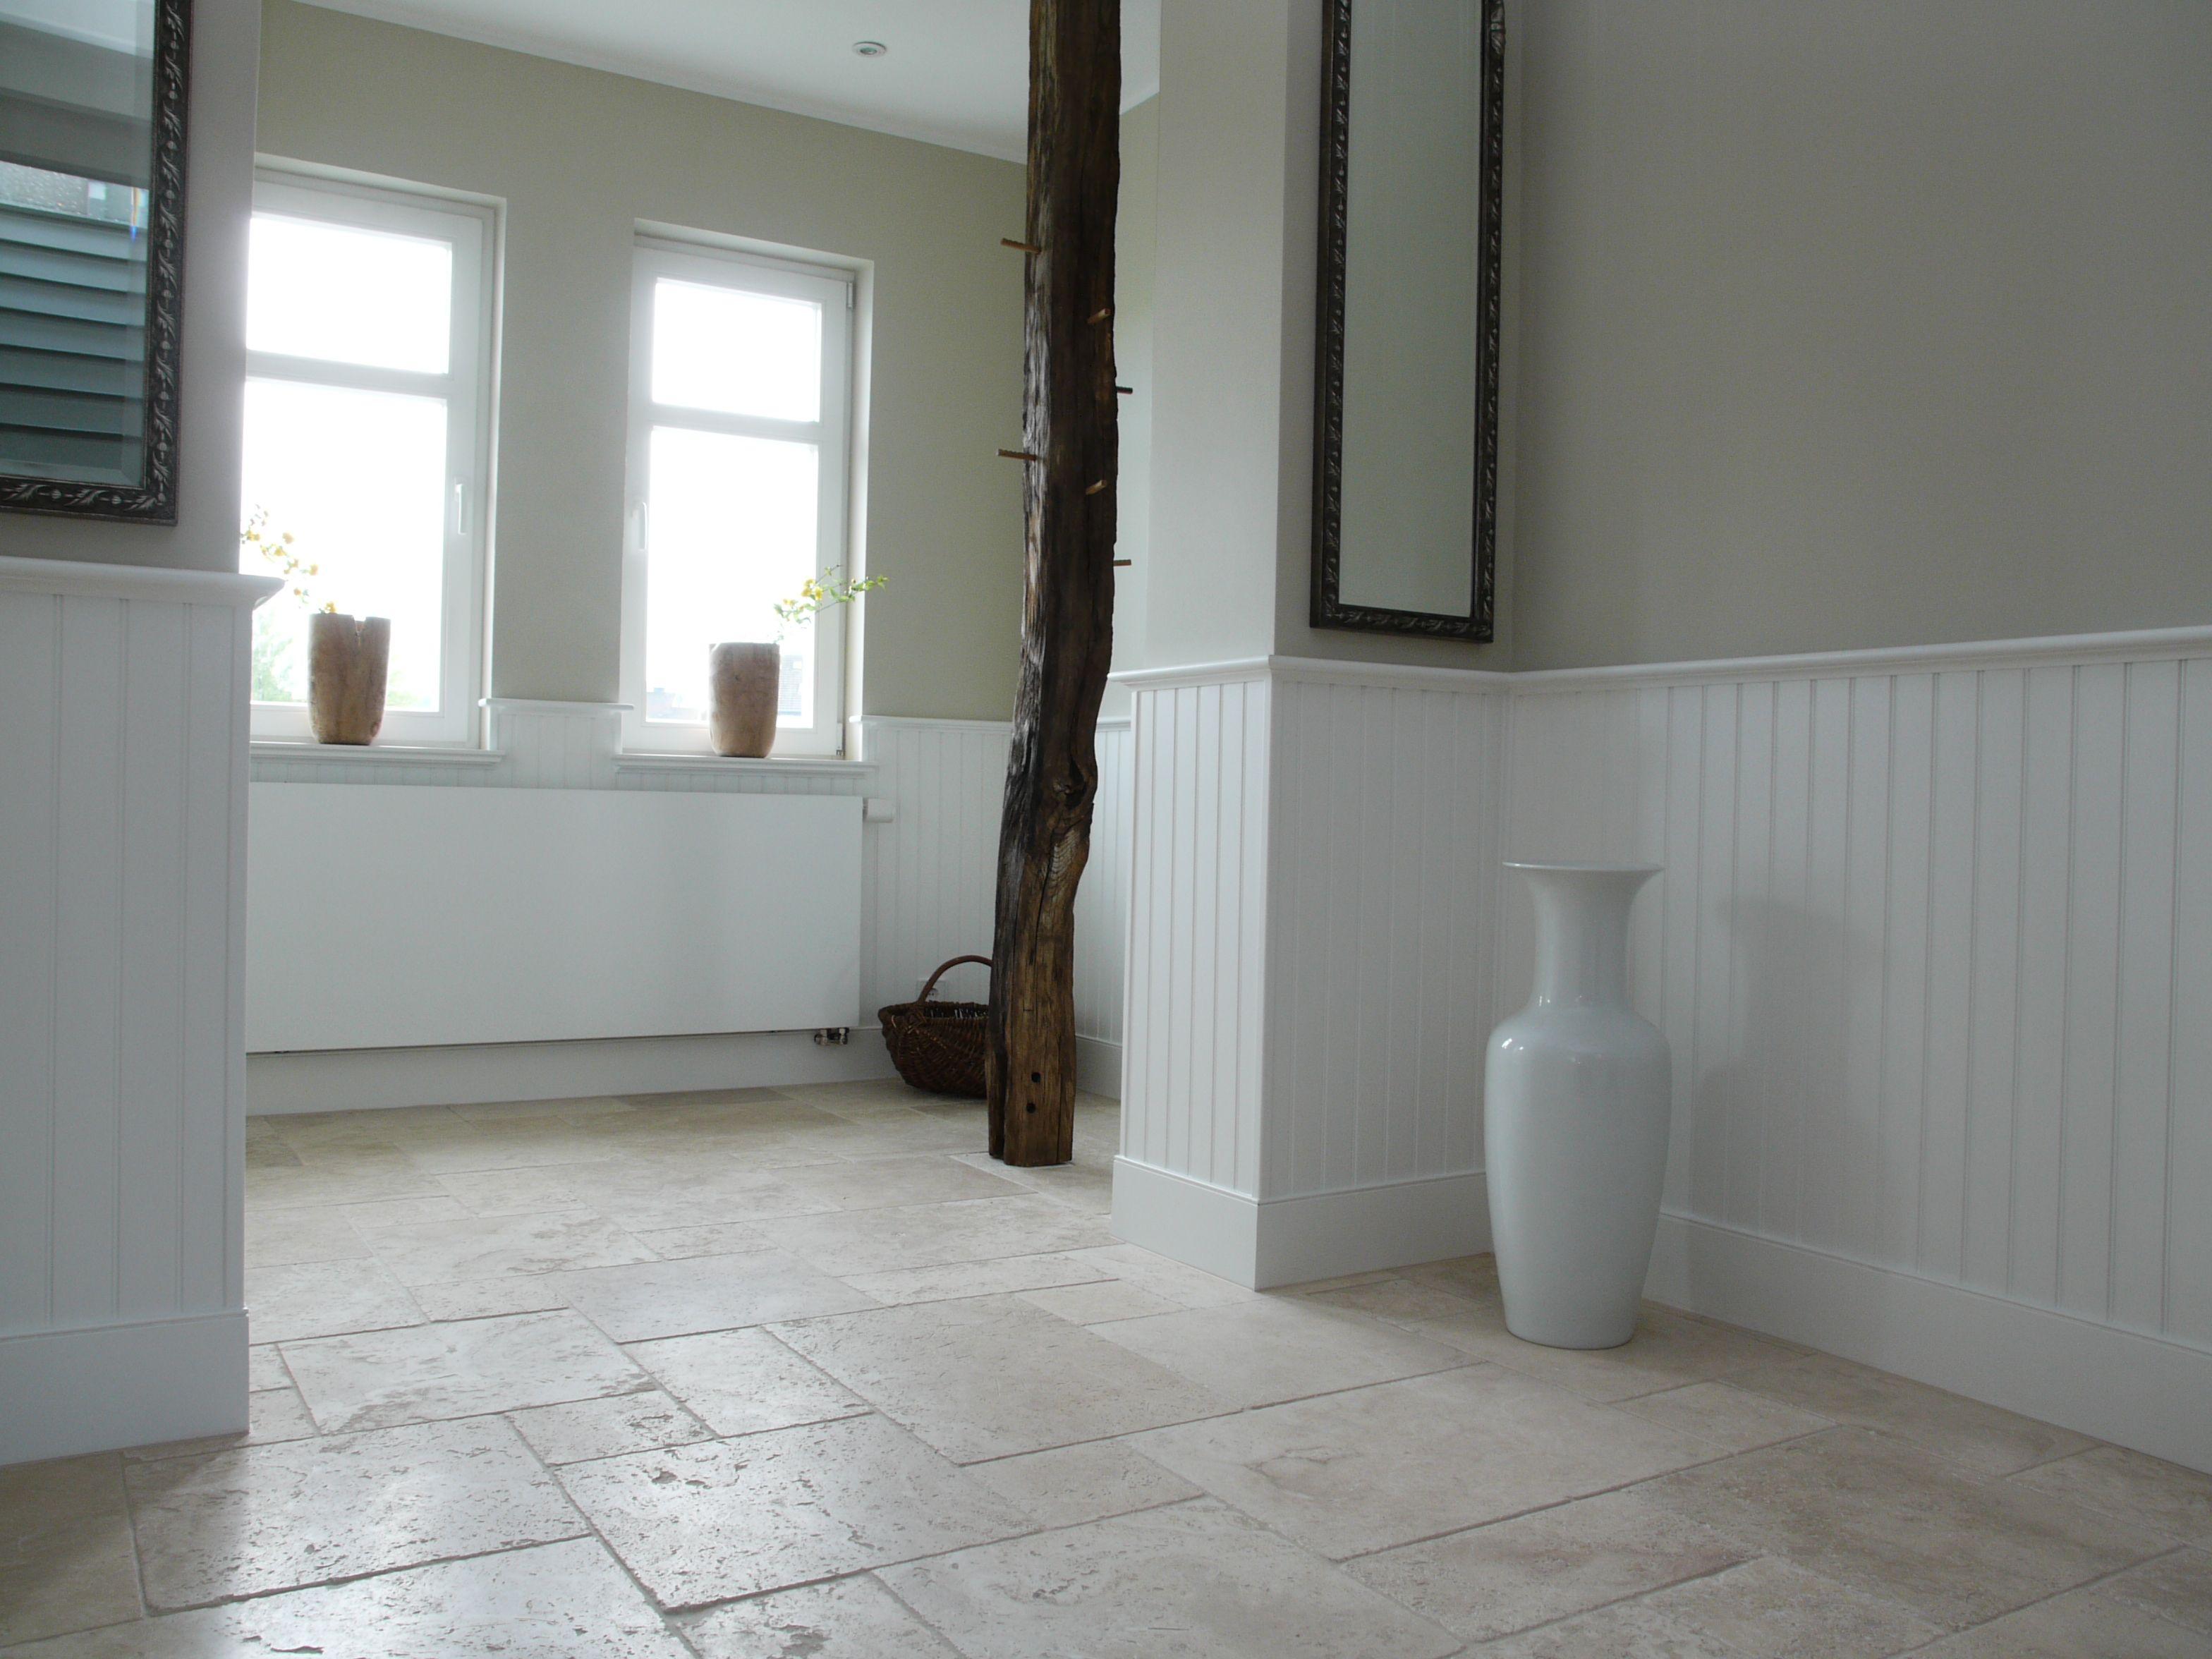 Fliesen Steinoptik Wandverkleidung Badezimmer Fliesen In